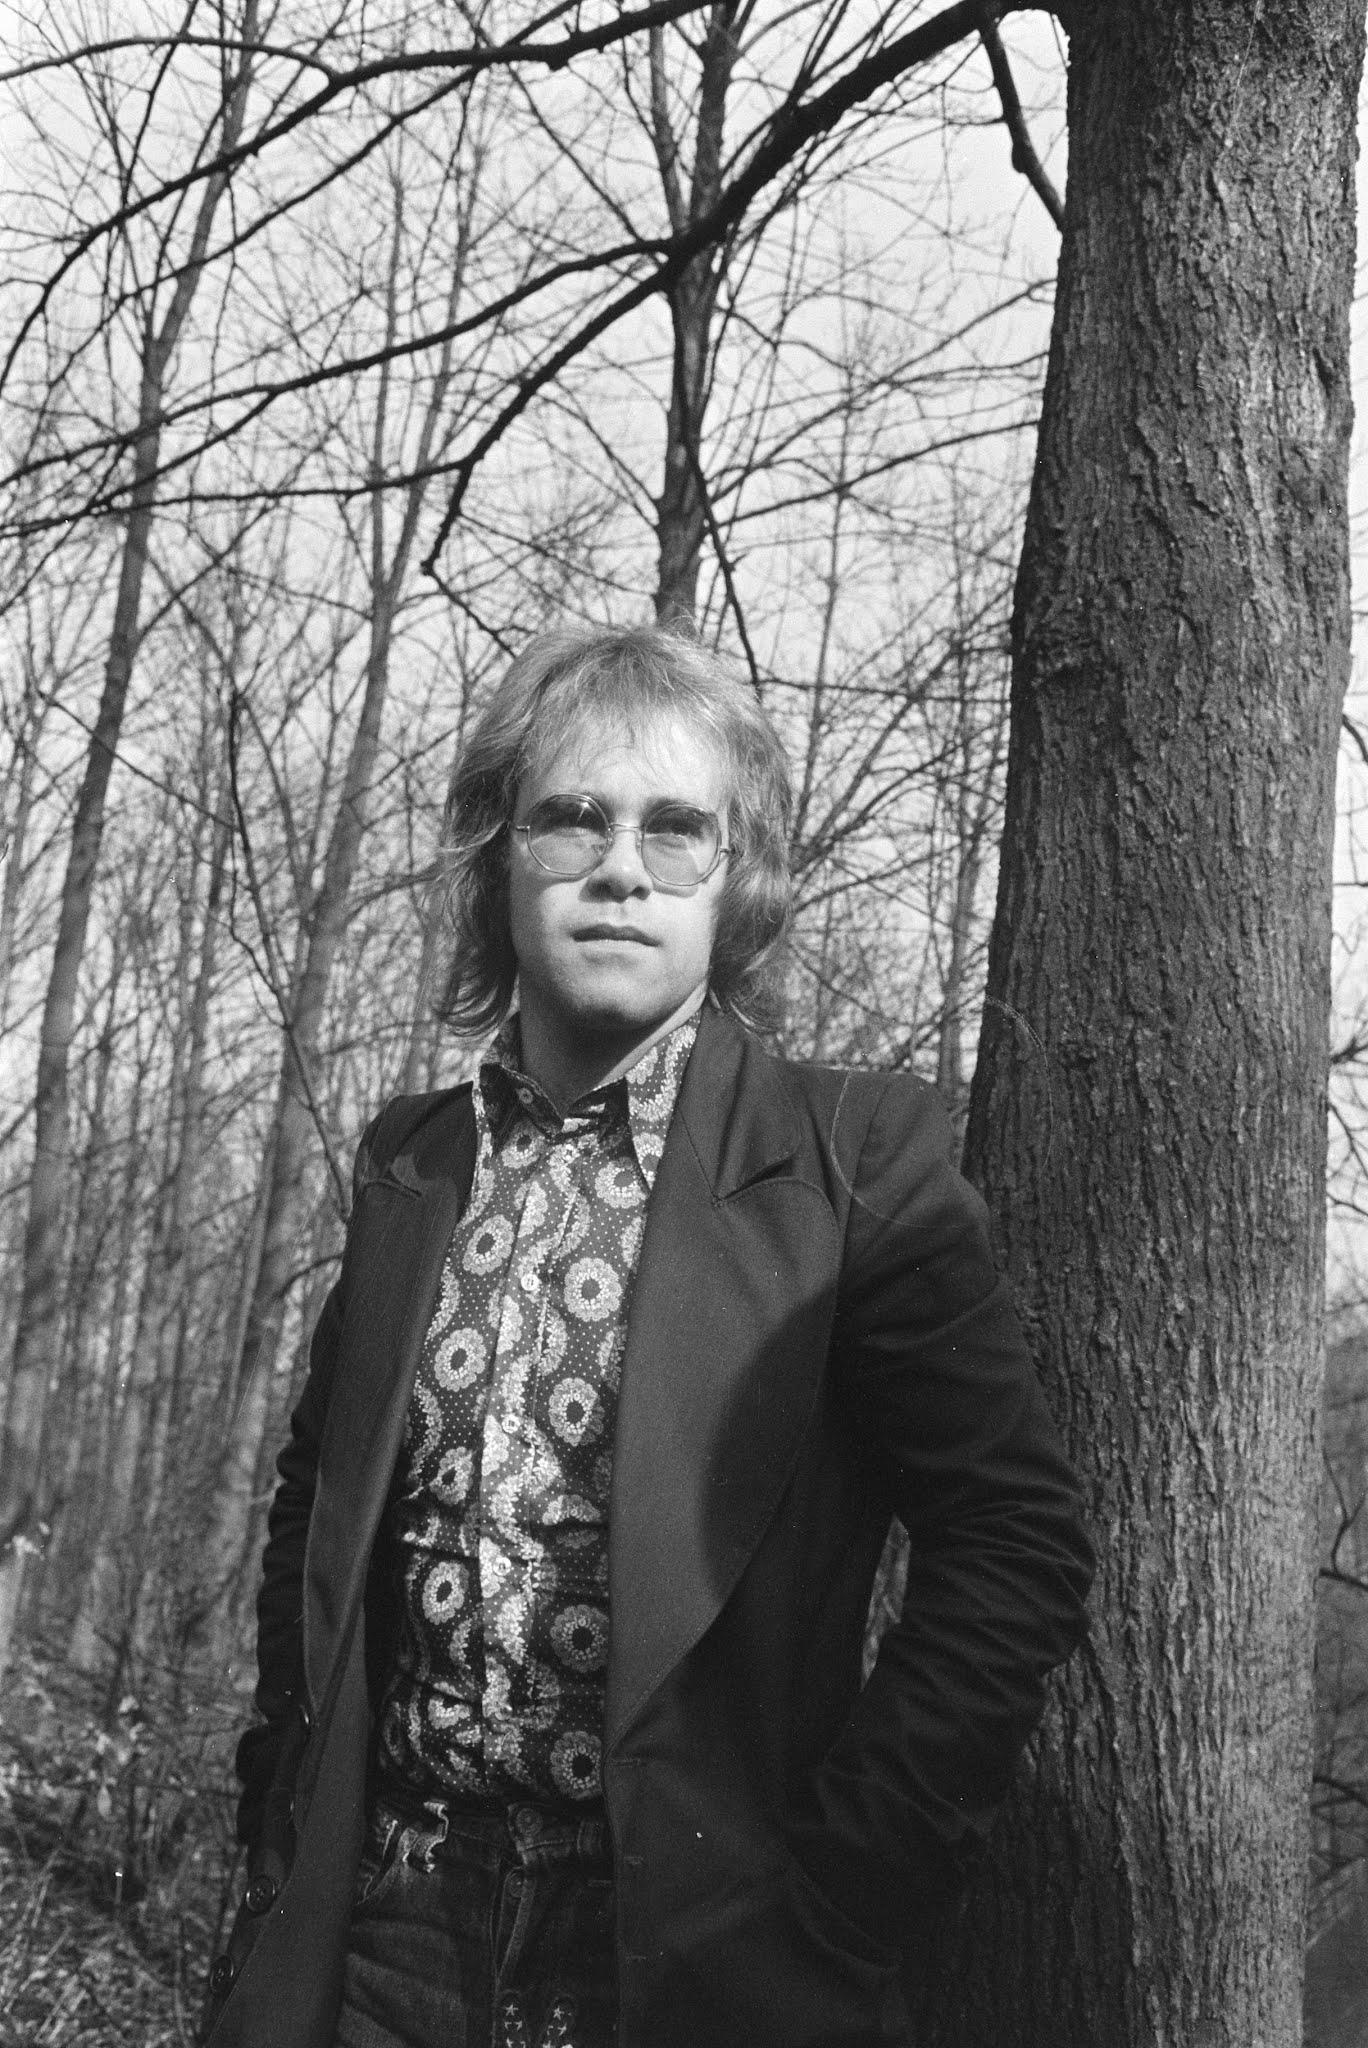 エルトン・ジョンが木のそばに佇んでいる